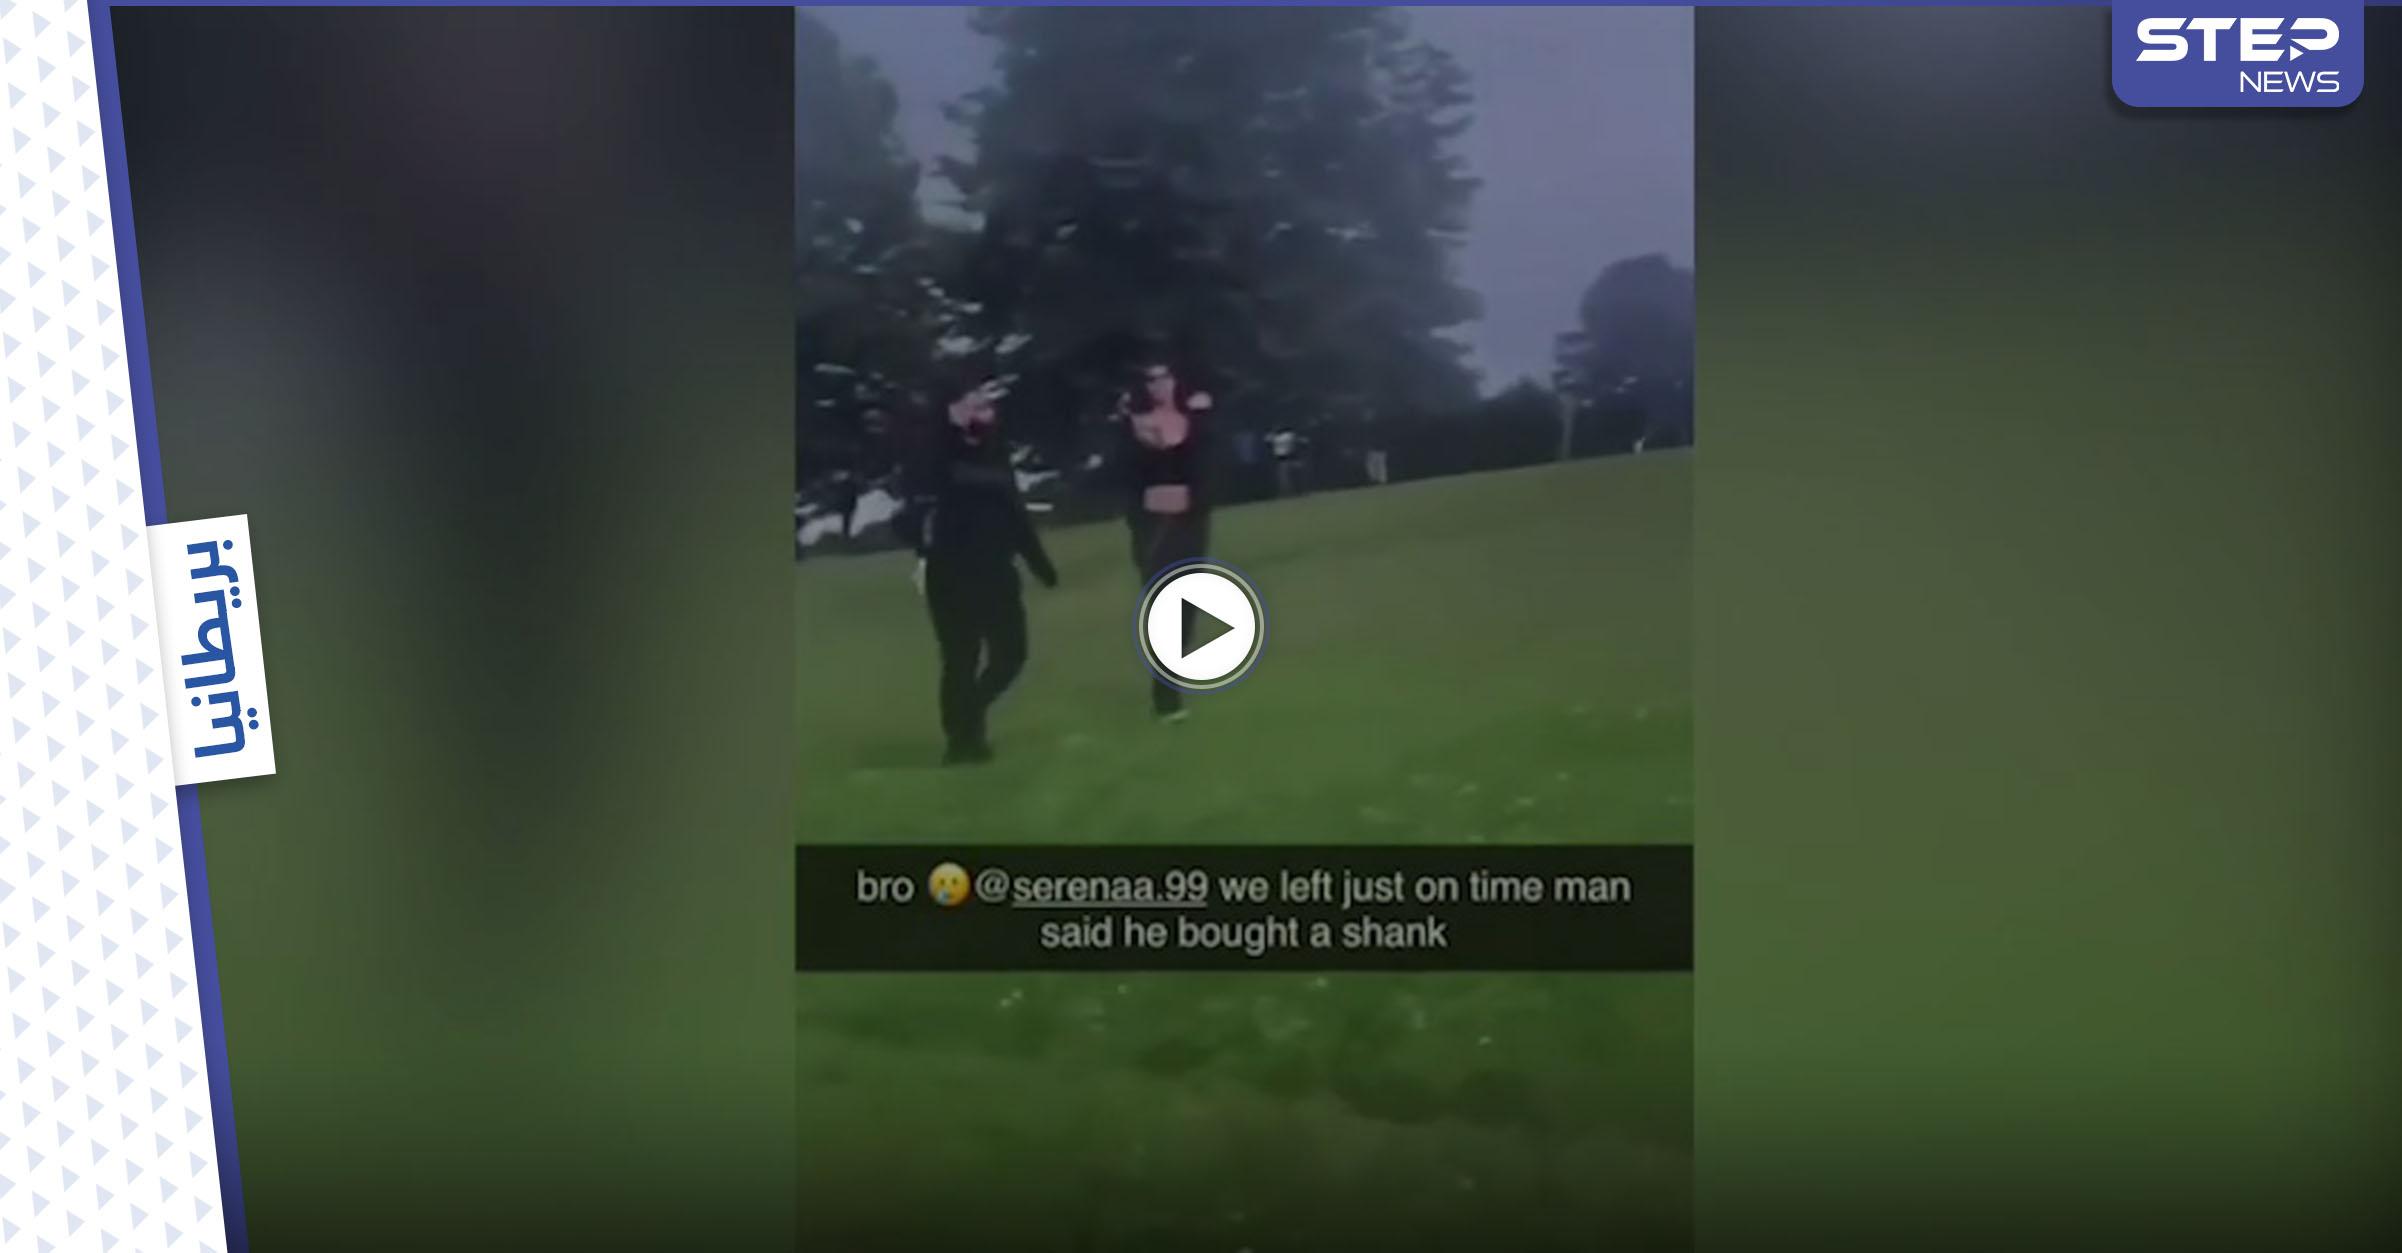 بالفيديو|| لحظات مرعبة لقيام شاب مقنع بالهجوم على المارة داخل حديقة في لندن قبل أن يسقط مراهق جراء تلقيه الطعنات